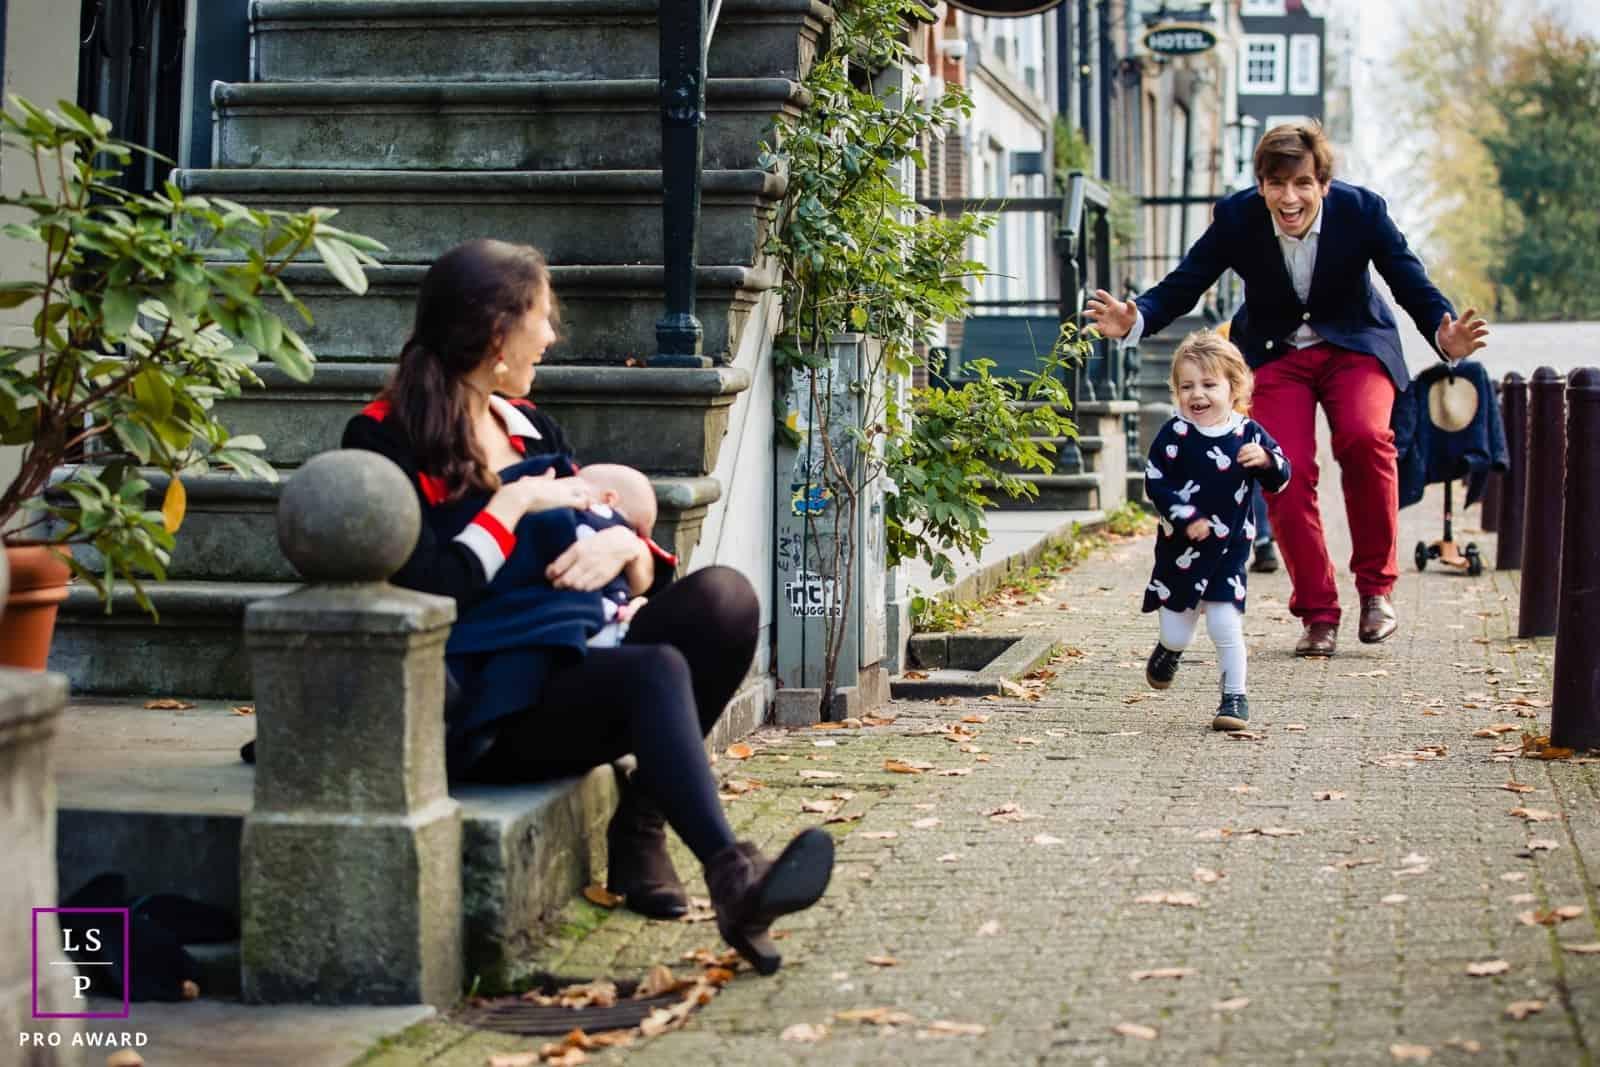 Lifestyle familiereportage in Amsterdam Martine van der Voort Fotografie